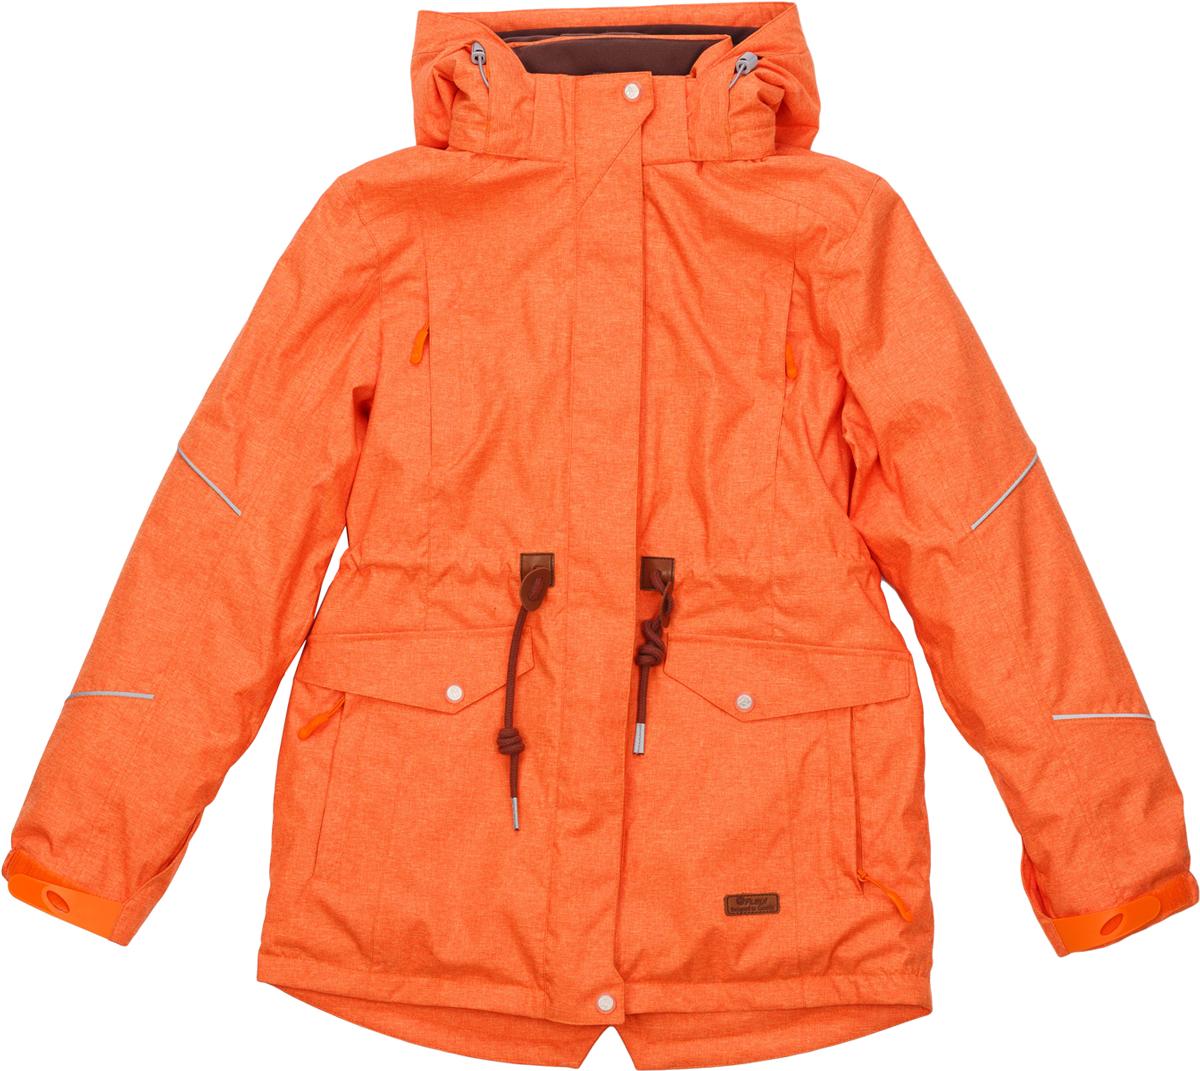 Куртка для девочки atPlay!, цвет: оранжевый. 1jk724. Размер 1581jk724Стильная и яркая куртка-парка от atPlay! для девочки идеальна для зимы с ее непостоянной погодой. Мембранная ткань с показателями 10000/10000 помогает противостоять высокой влажности, ветру и мокрому снегу. Внешний слой ткани обладает грязе- и водоотталкивающей способностью за счет покрытия Teflon. В зимней куртке atPlay! используется самый технологичный на сегодняшний день утеплитель Thinsulate. Его уникальные характеристики позволяют сохранять тепло в 3 раза лучше по сравнению с другими видами утеплителей. Парка дополнена рядом элементов для максимального комфорта в прохладную зимнюю погоду — регулируемый капюшон, мягкий воротник, снегозащитная юбка, утяжка по талии, эластичные манжеты, проклеенные швы. Куртка-парка станет незаменимой и для походов в школу, и на горнолыжном склоне, и на увлекательной прогулке.